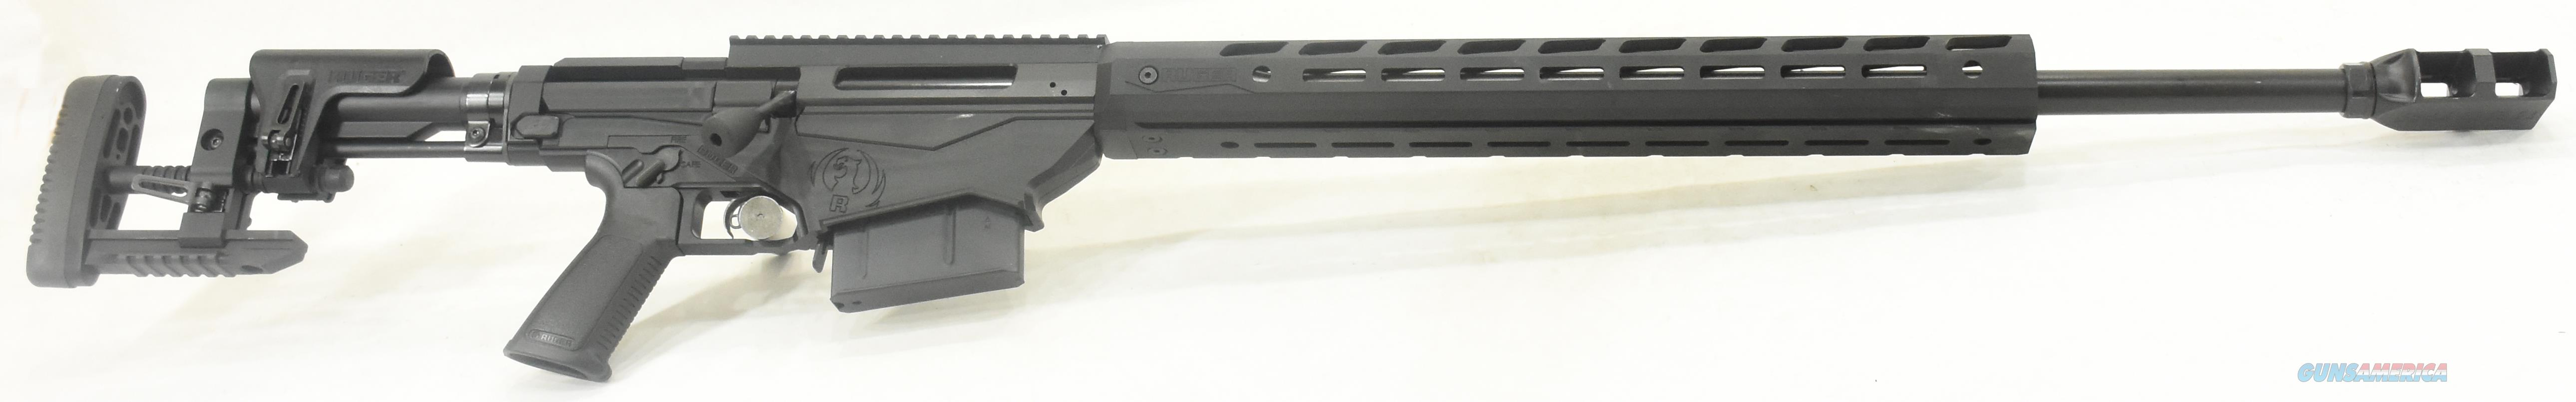 Precision Rifle 300Win Mag 26In 18081  Guns > Rifles > Ruger Rifles > Precision Rifle Series